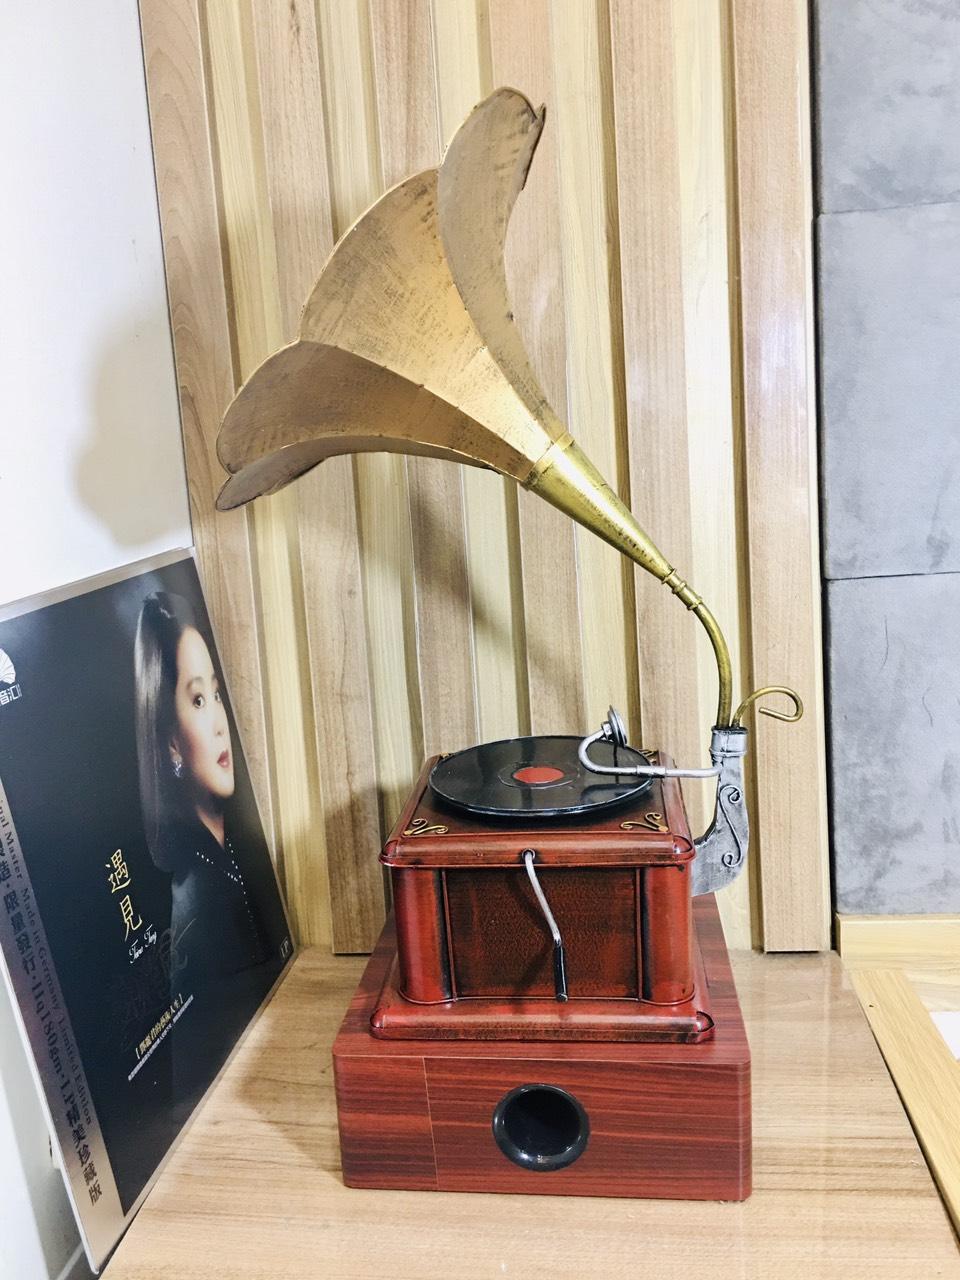 Máy phát nhạc loa kèn đồng ( nghe đài FM, BLUTOOTH, THẺ NHỚ)